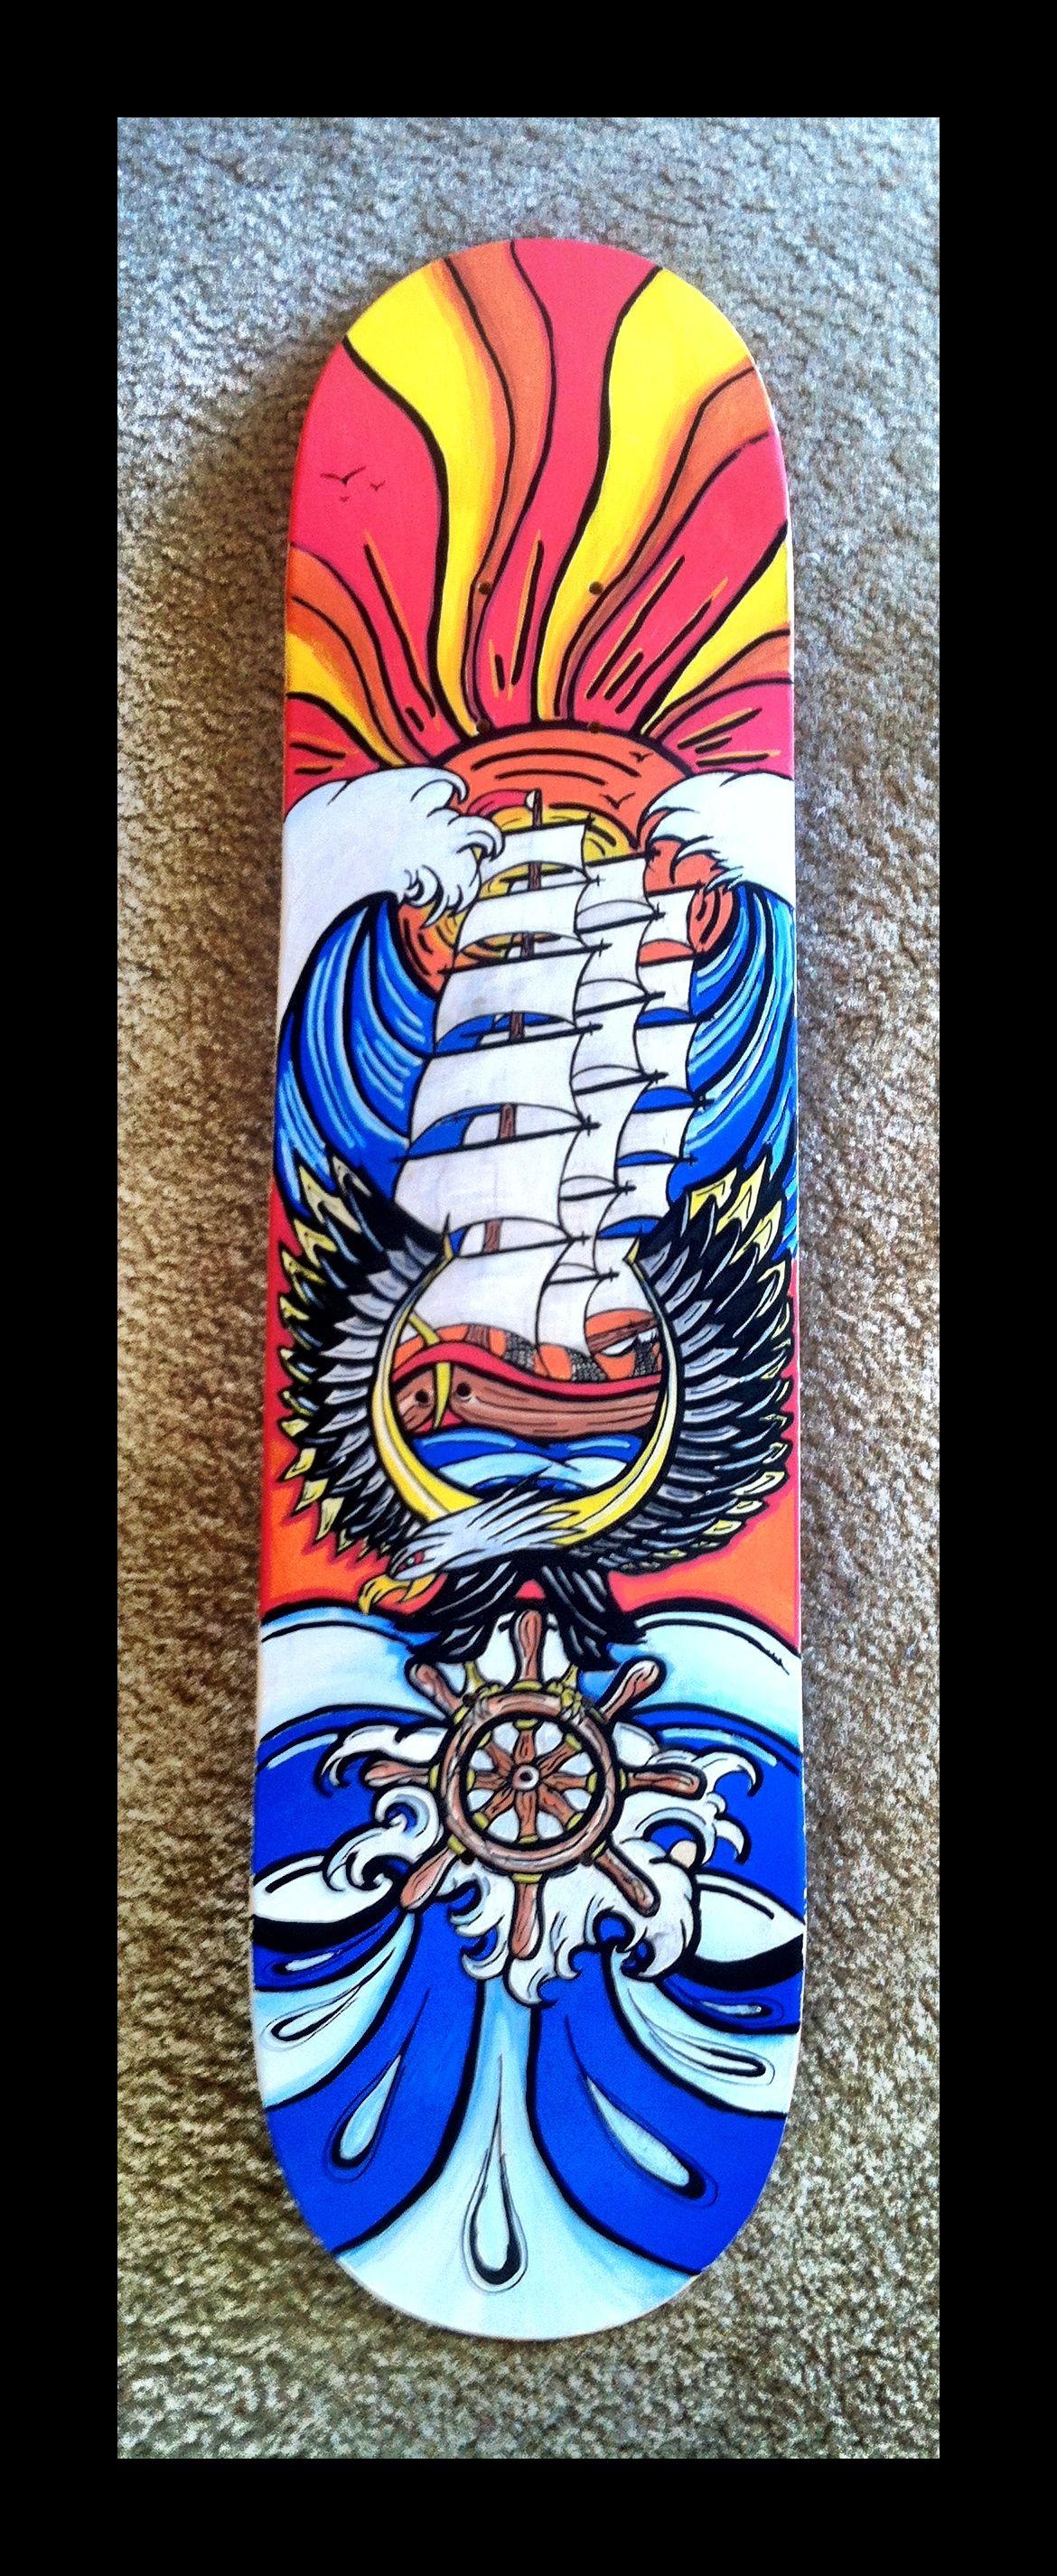 Design For Skateboard Deck Competition Tylerwilliamsartworkstorenvycom # Art #Illustration #